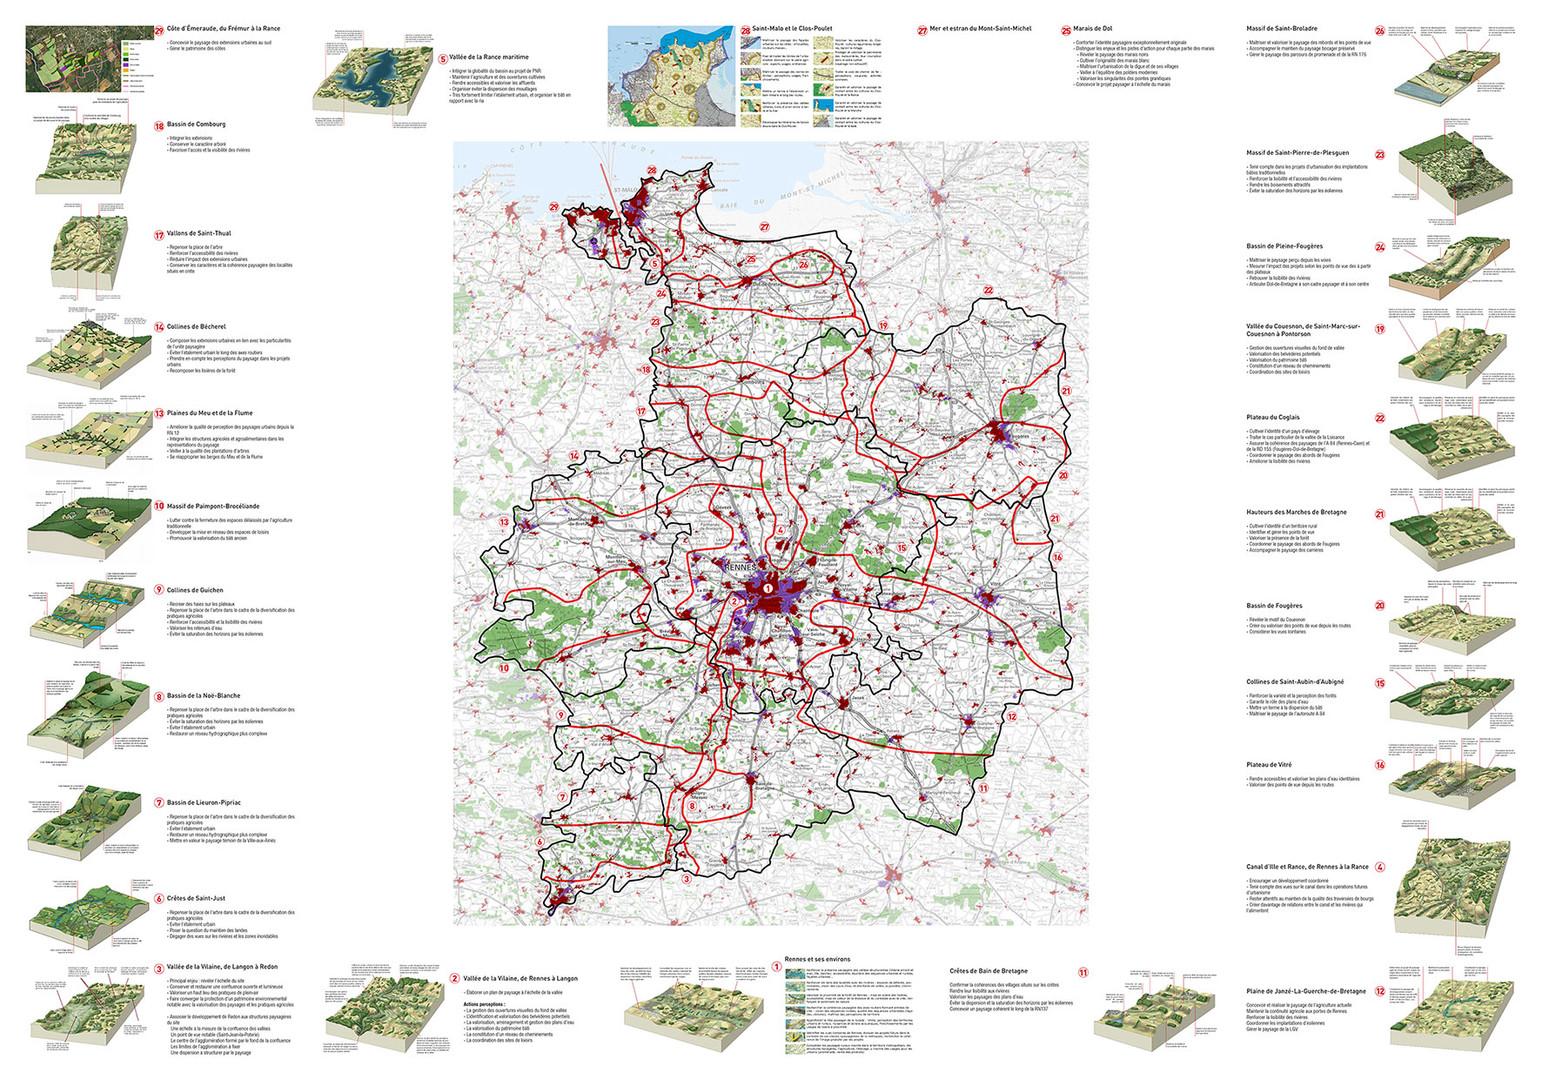 Les ateliers du paysage - Département Ille et Vilaine (35)